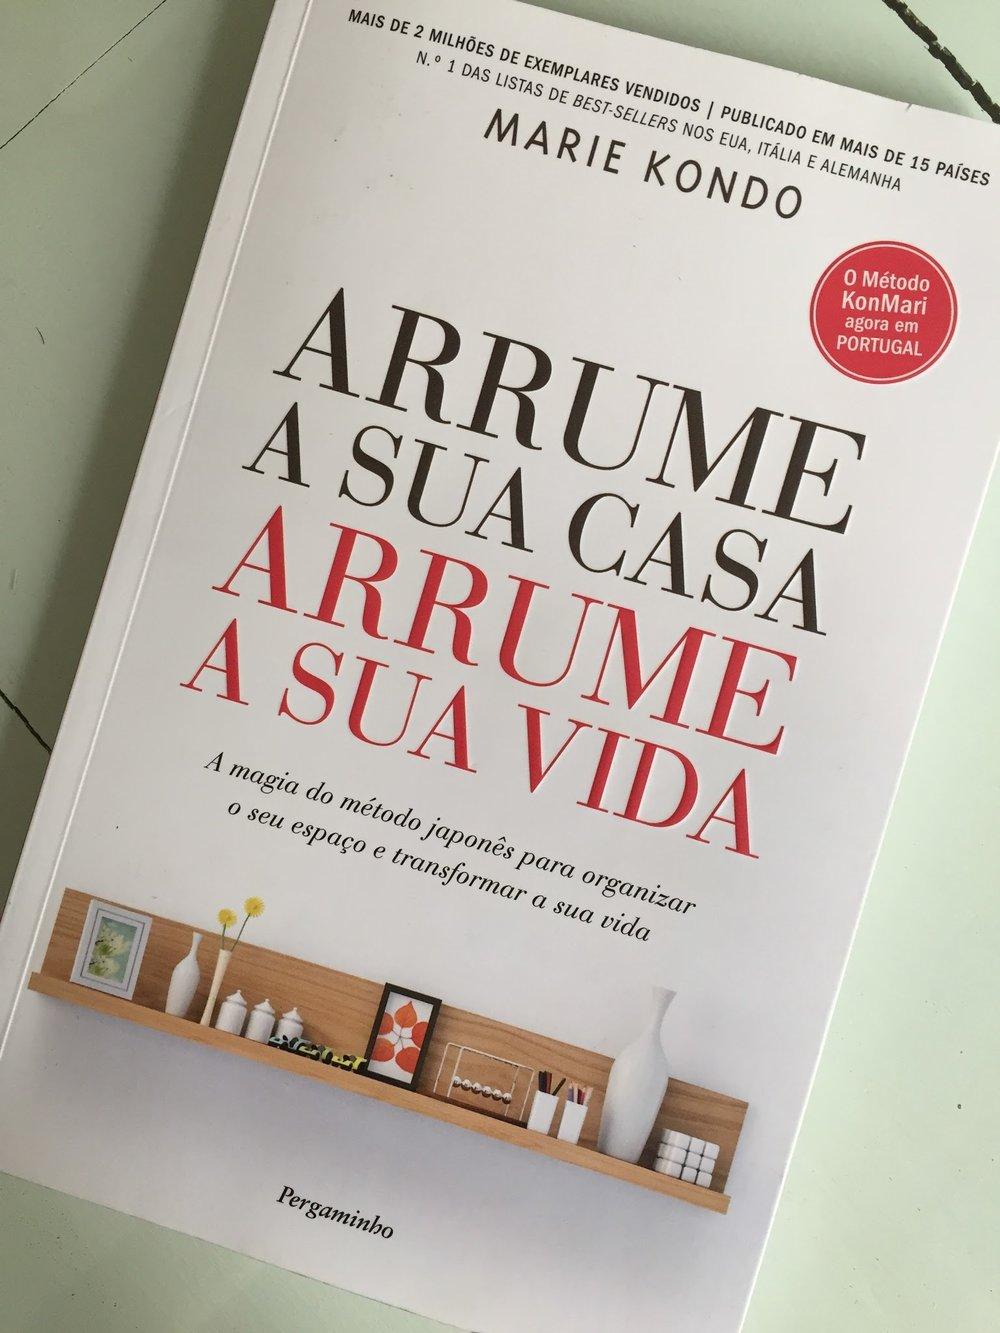 Se você anda às voltas com a arrumação da casa,e não consegue terminar essa tarefa,recomendo o Método KonMari desse livro.